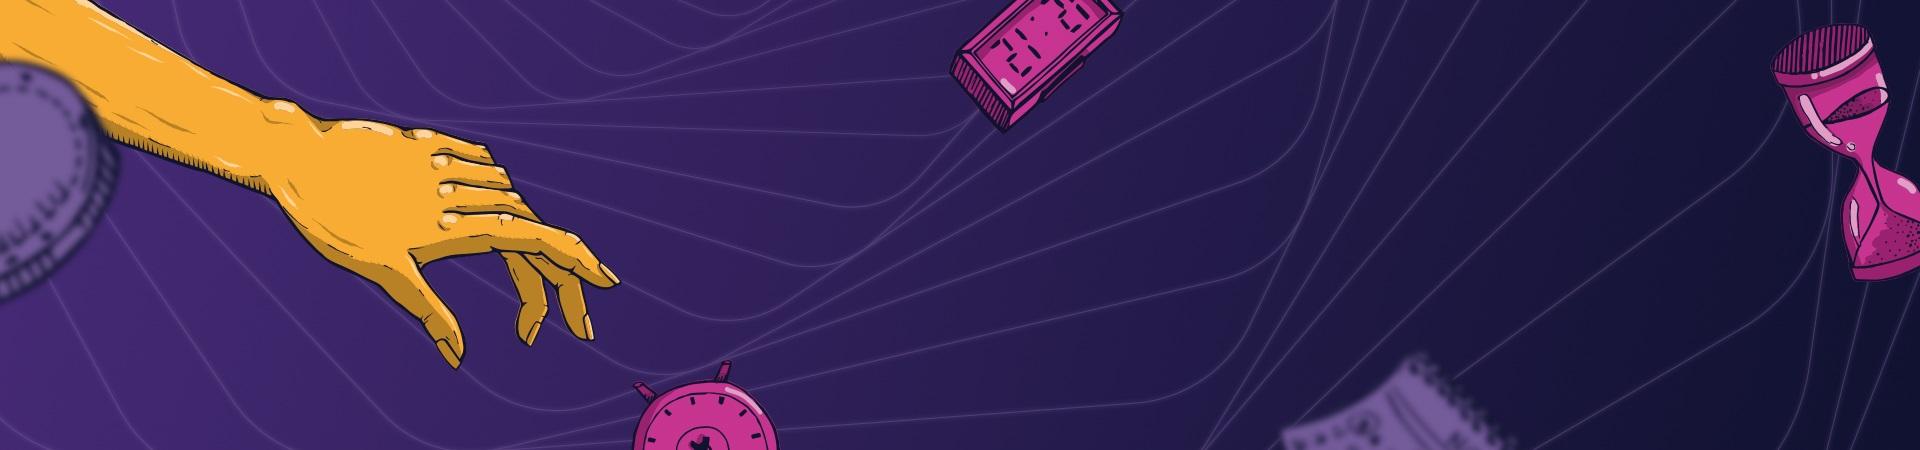 banner de topo - centro de design - Salão Jovem Designer 2018